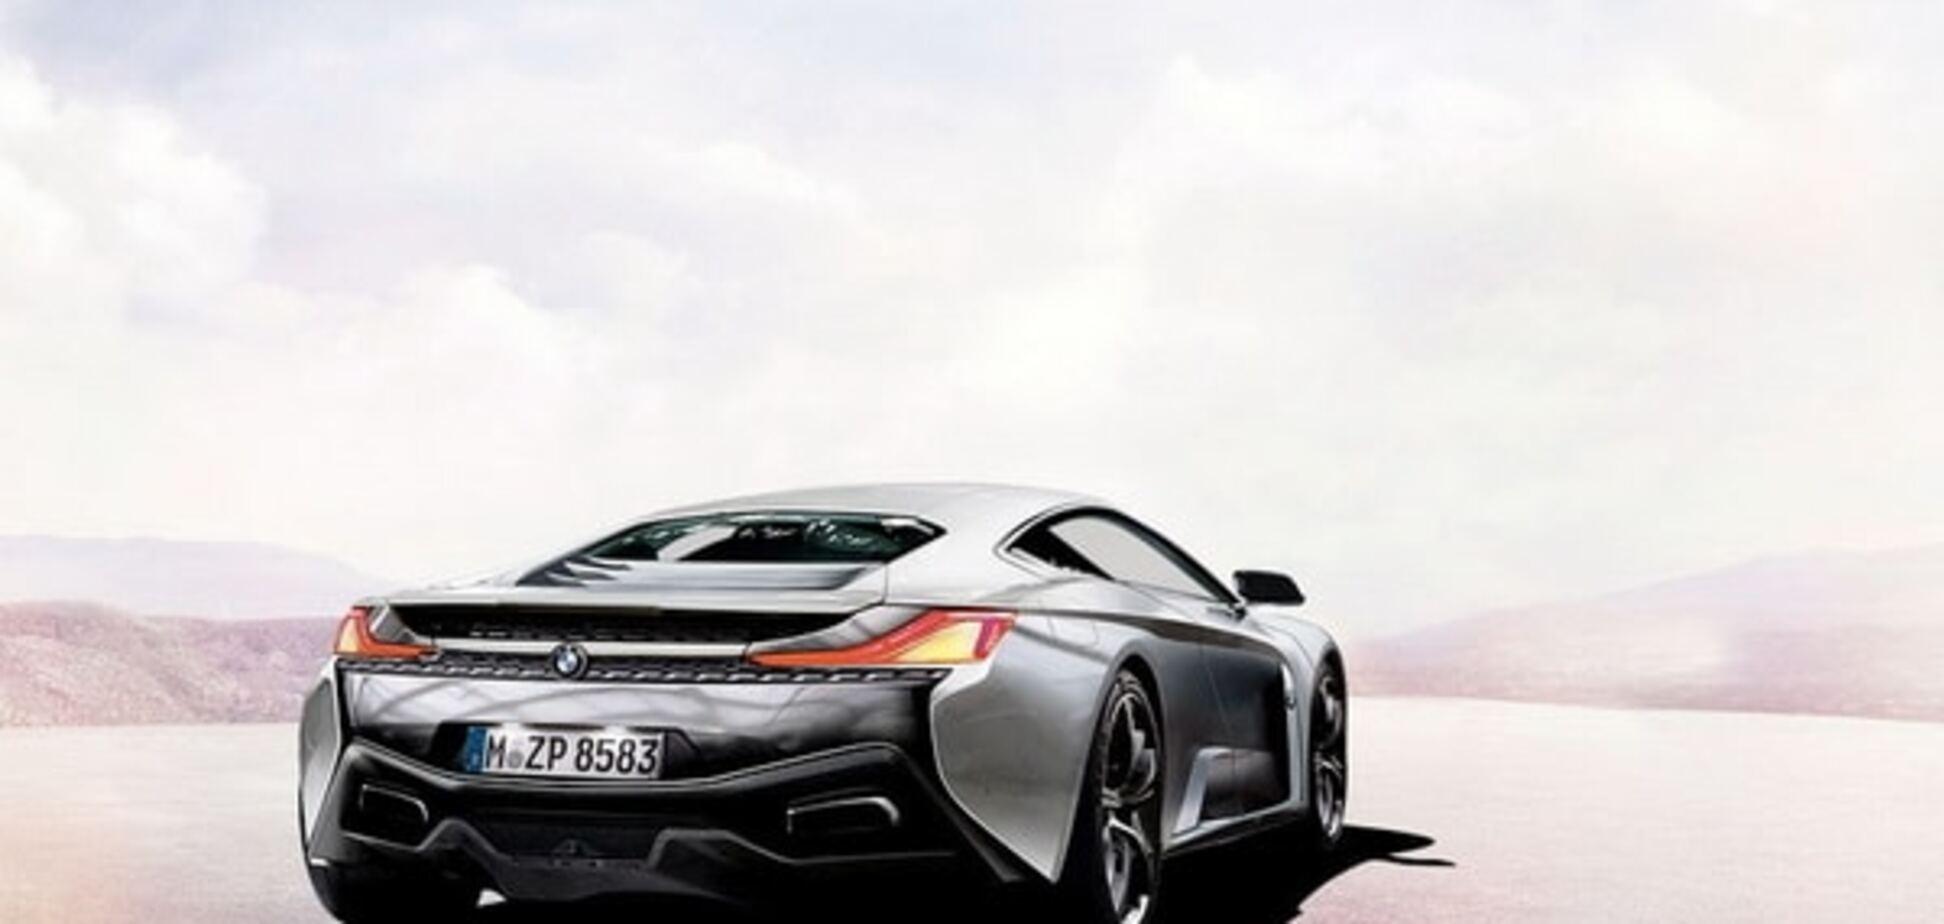 BMW і McLaren випустять суперкар: фото моделі